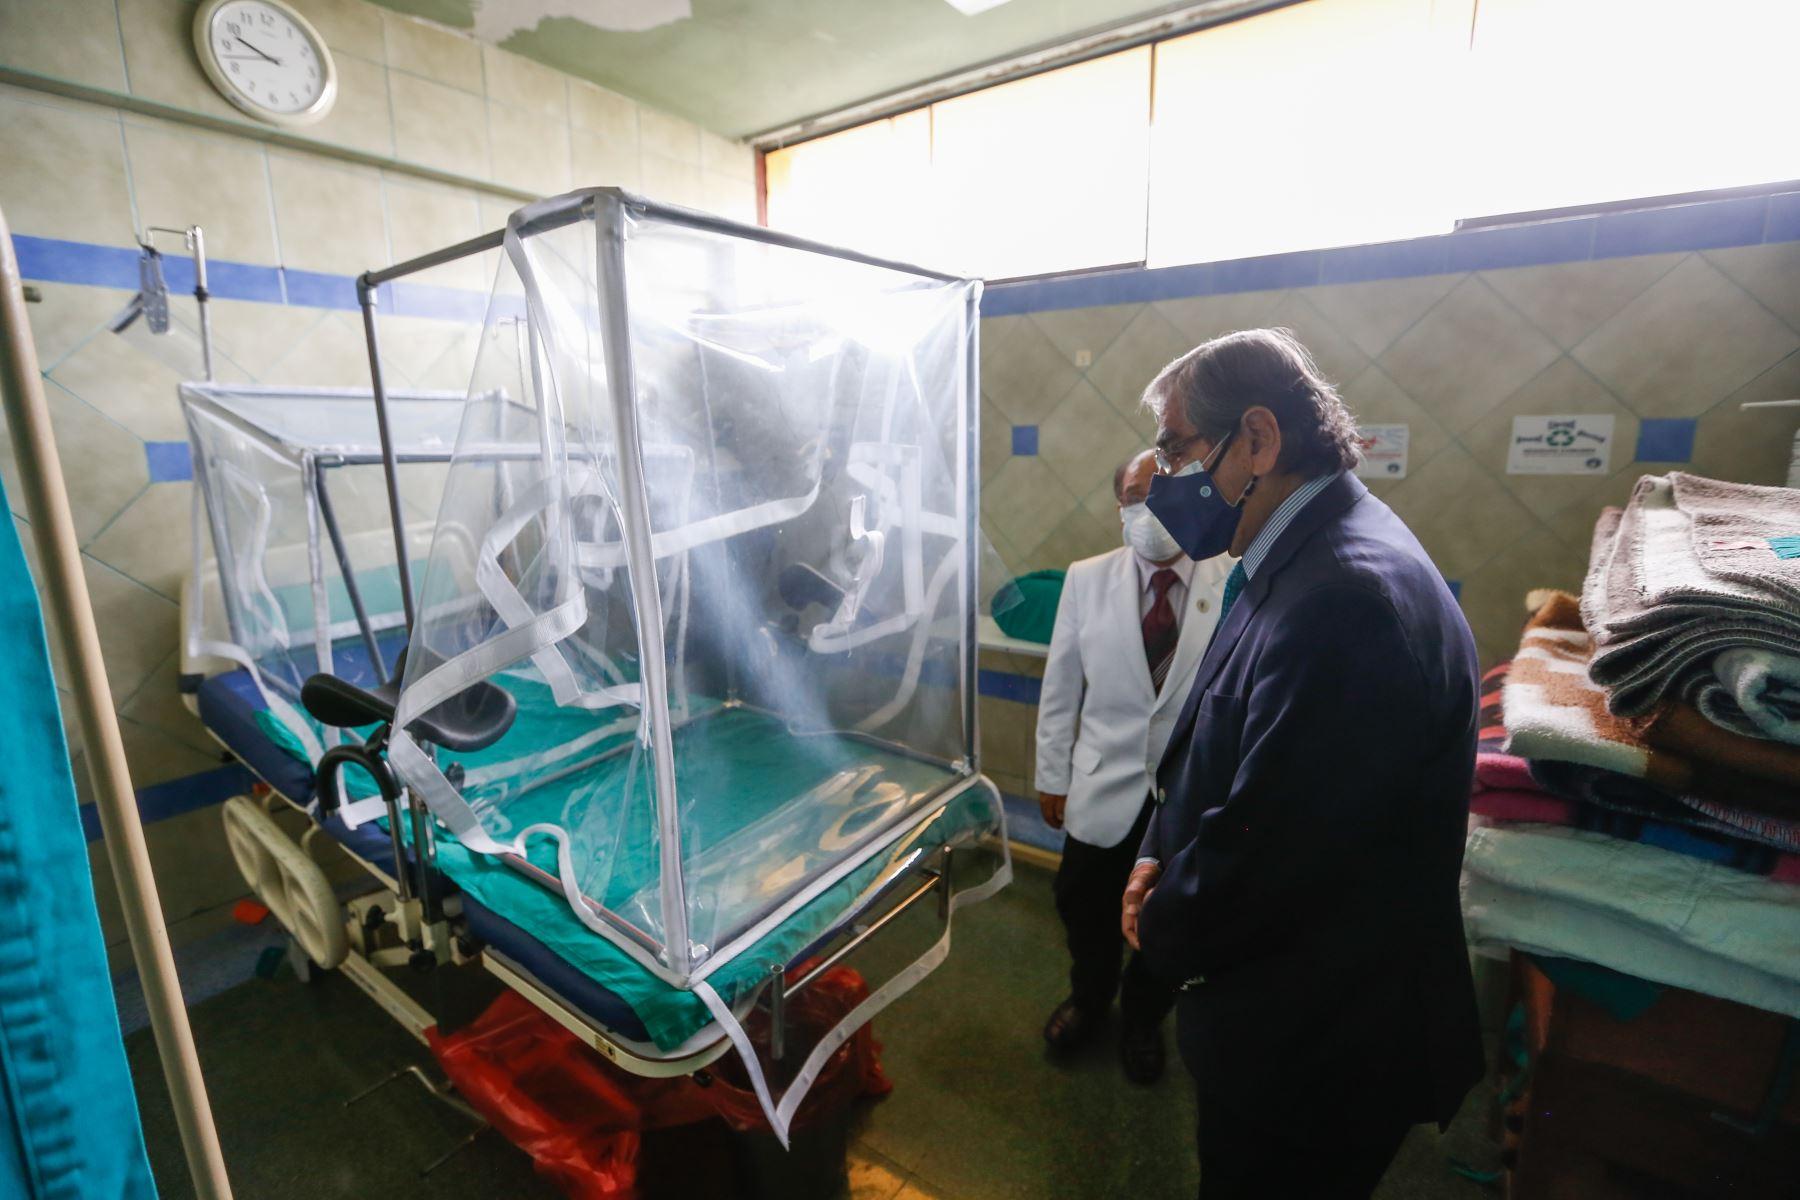 El ministro Ugarte, junto con el director del Hospital Santa Rosa, Óscar Zúñiga, también visitó el remodelado Centro Obstétrico del nosocomio, que atiende alrededor de 200 partos mensuales. Foto: ANDINA/ MINSA